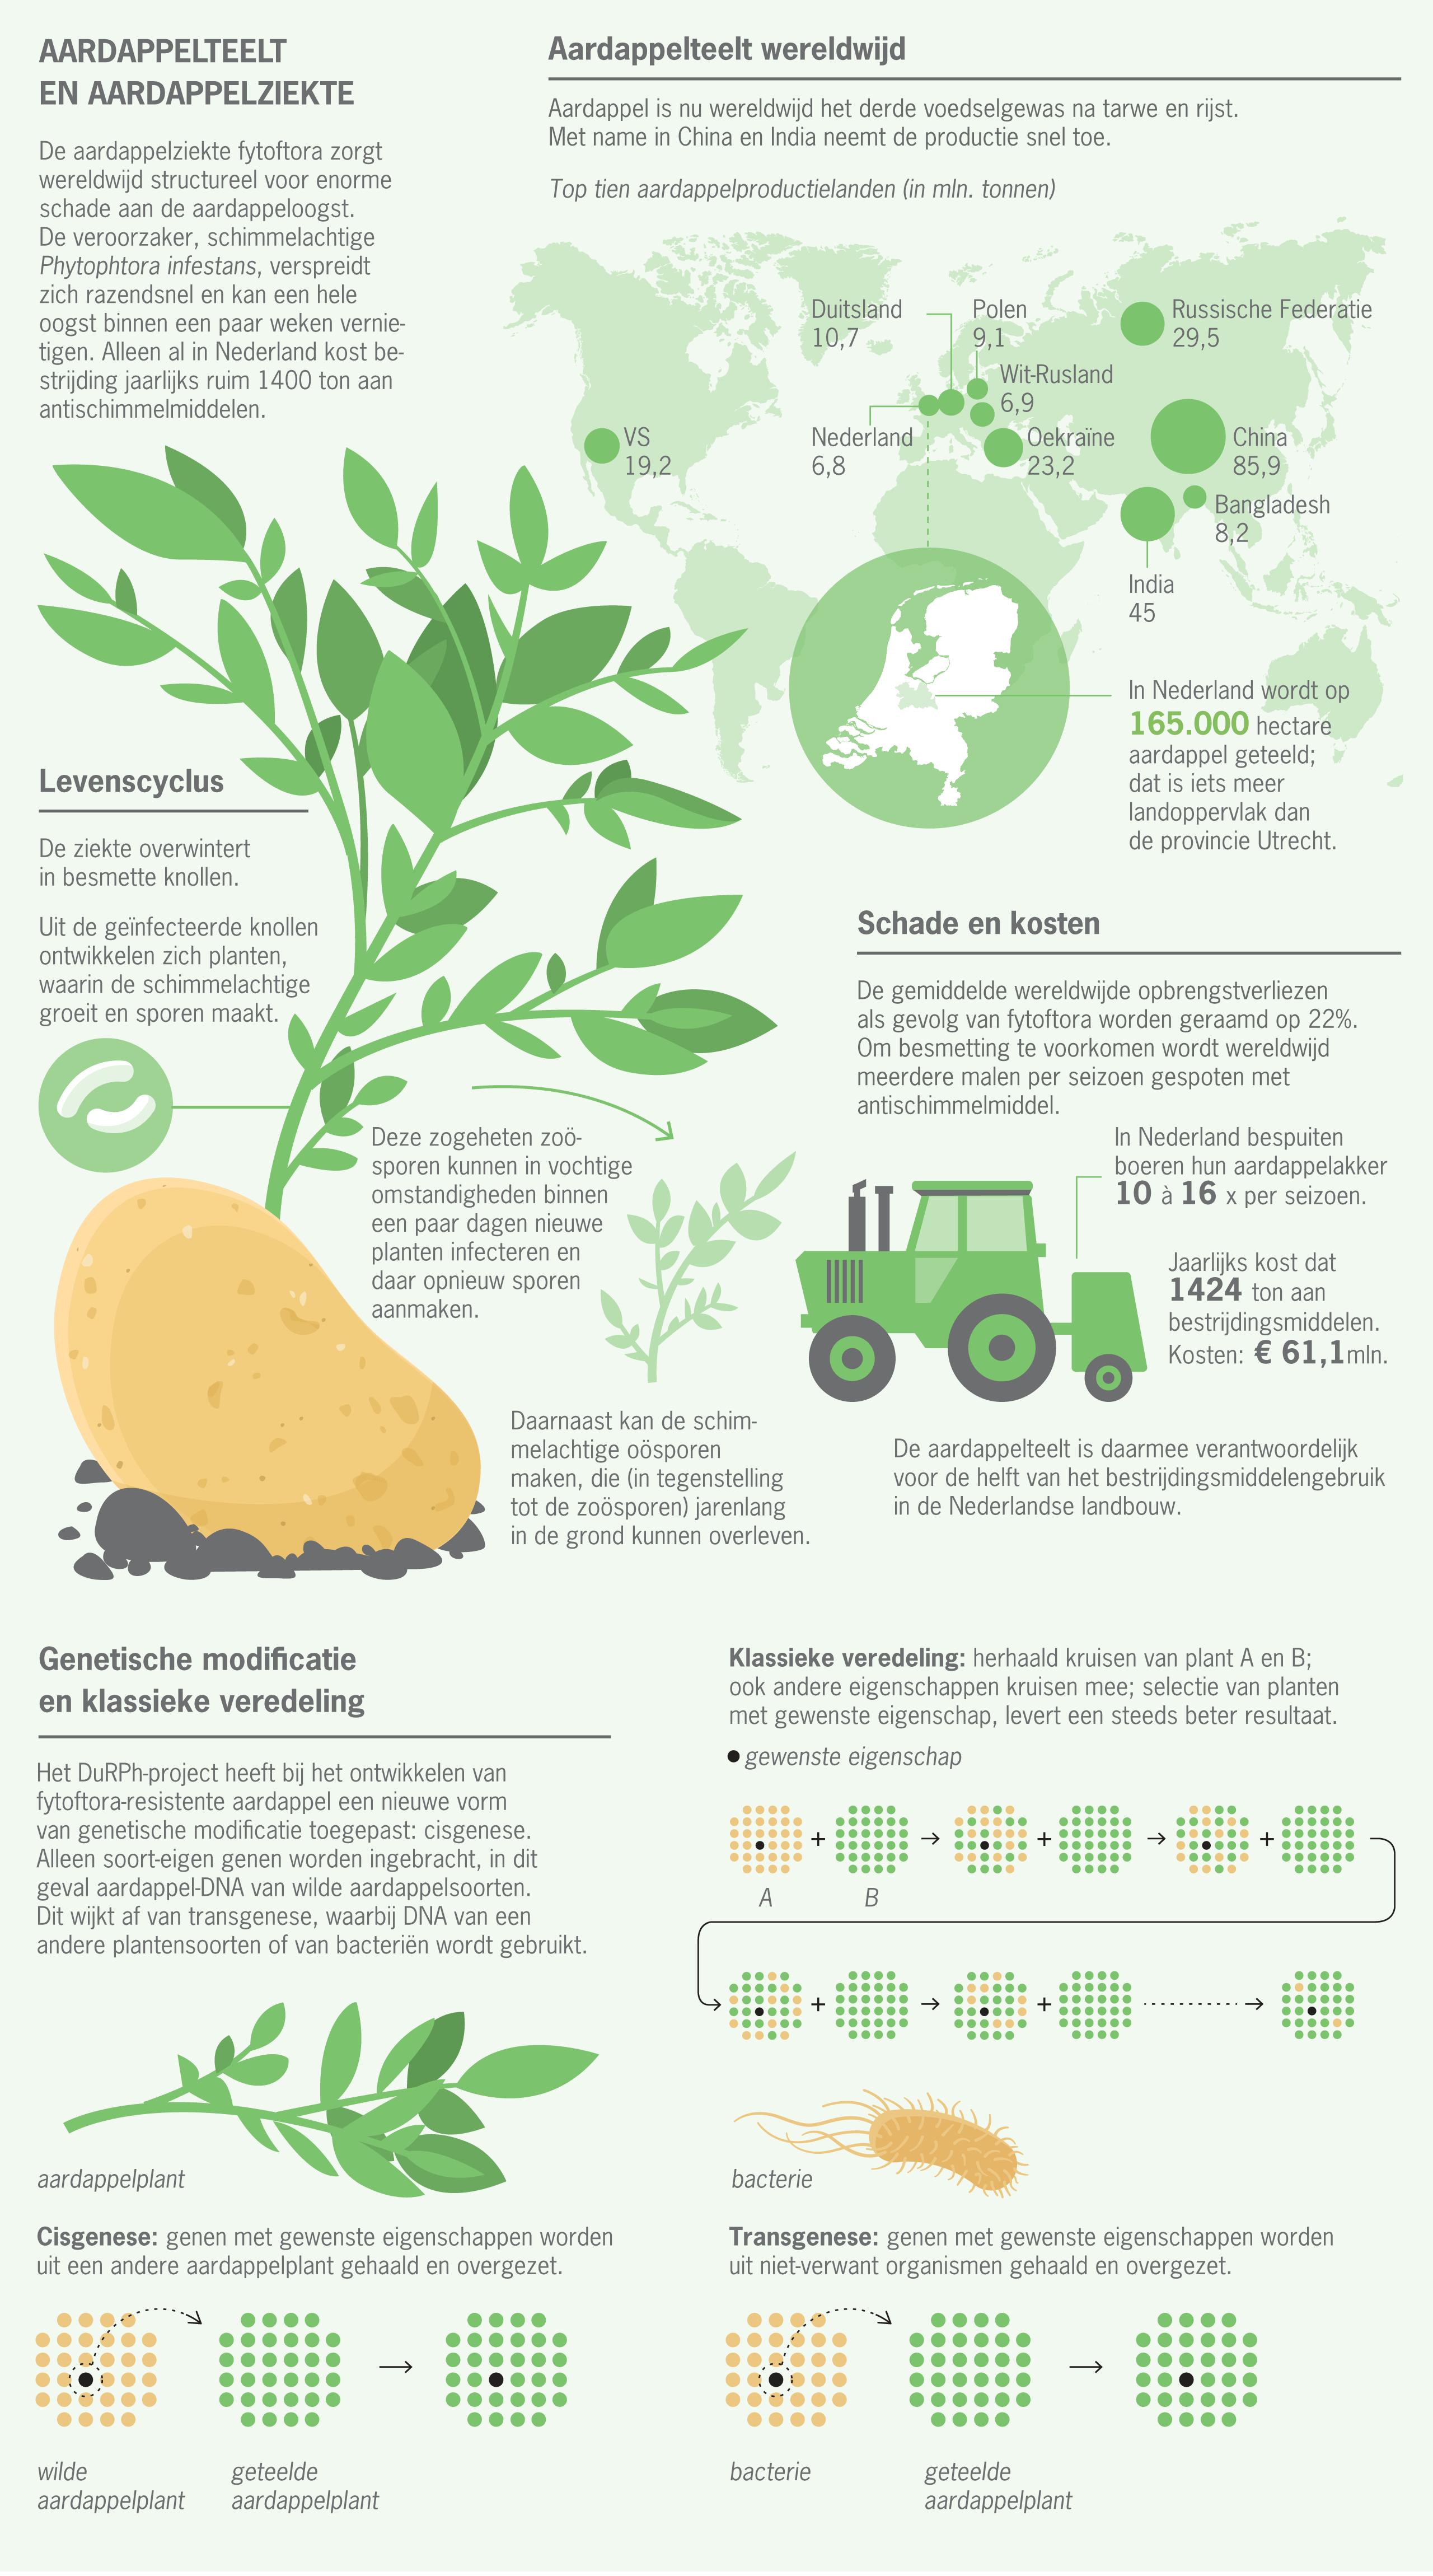 Aardappelplant_groot